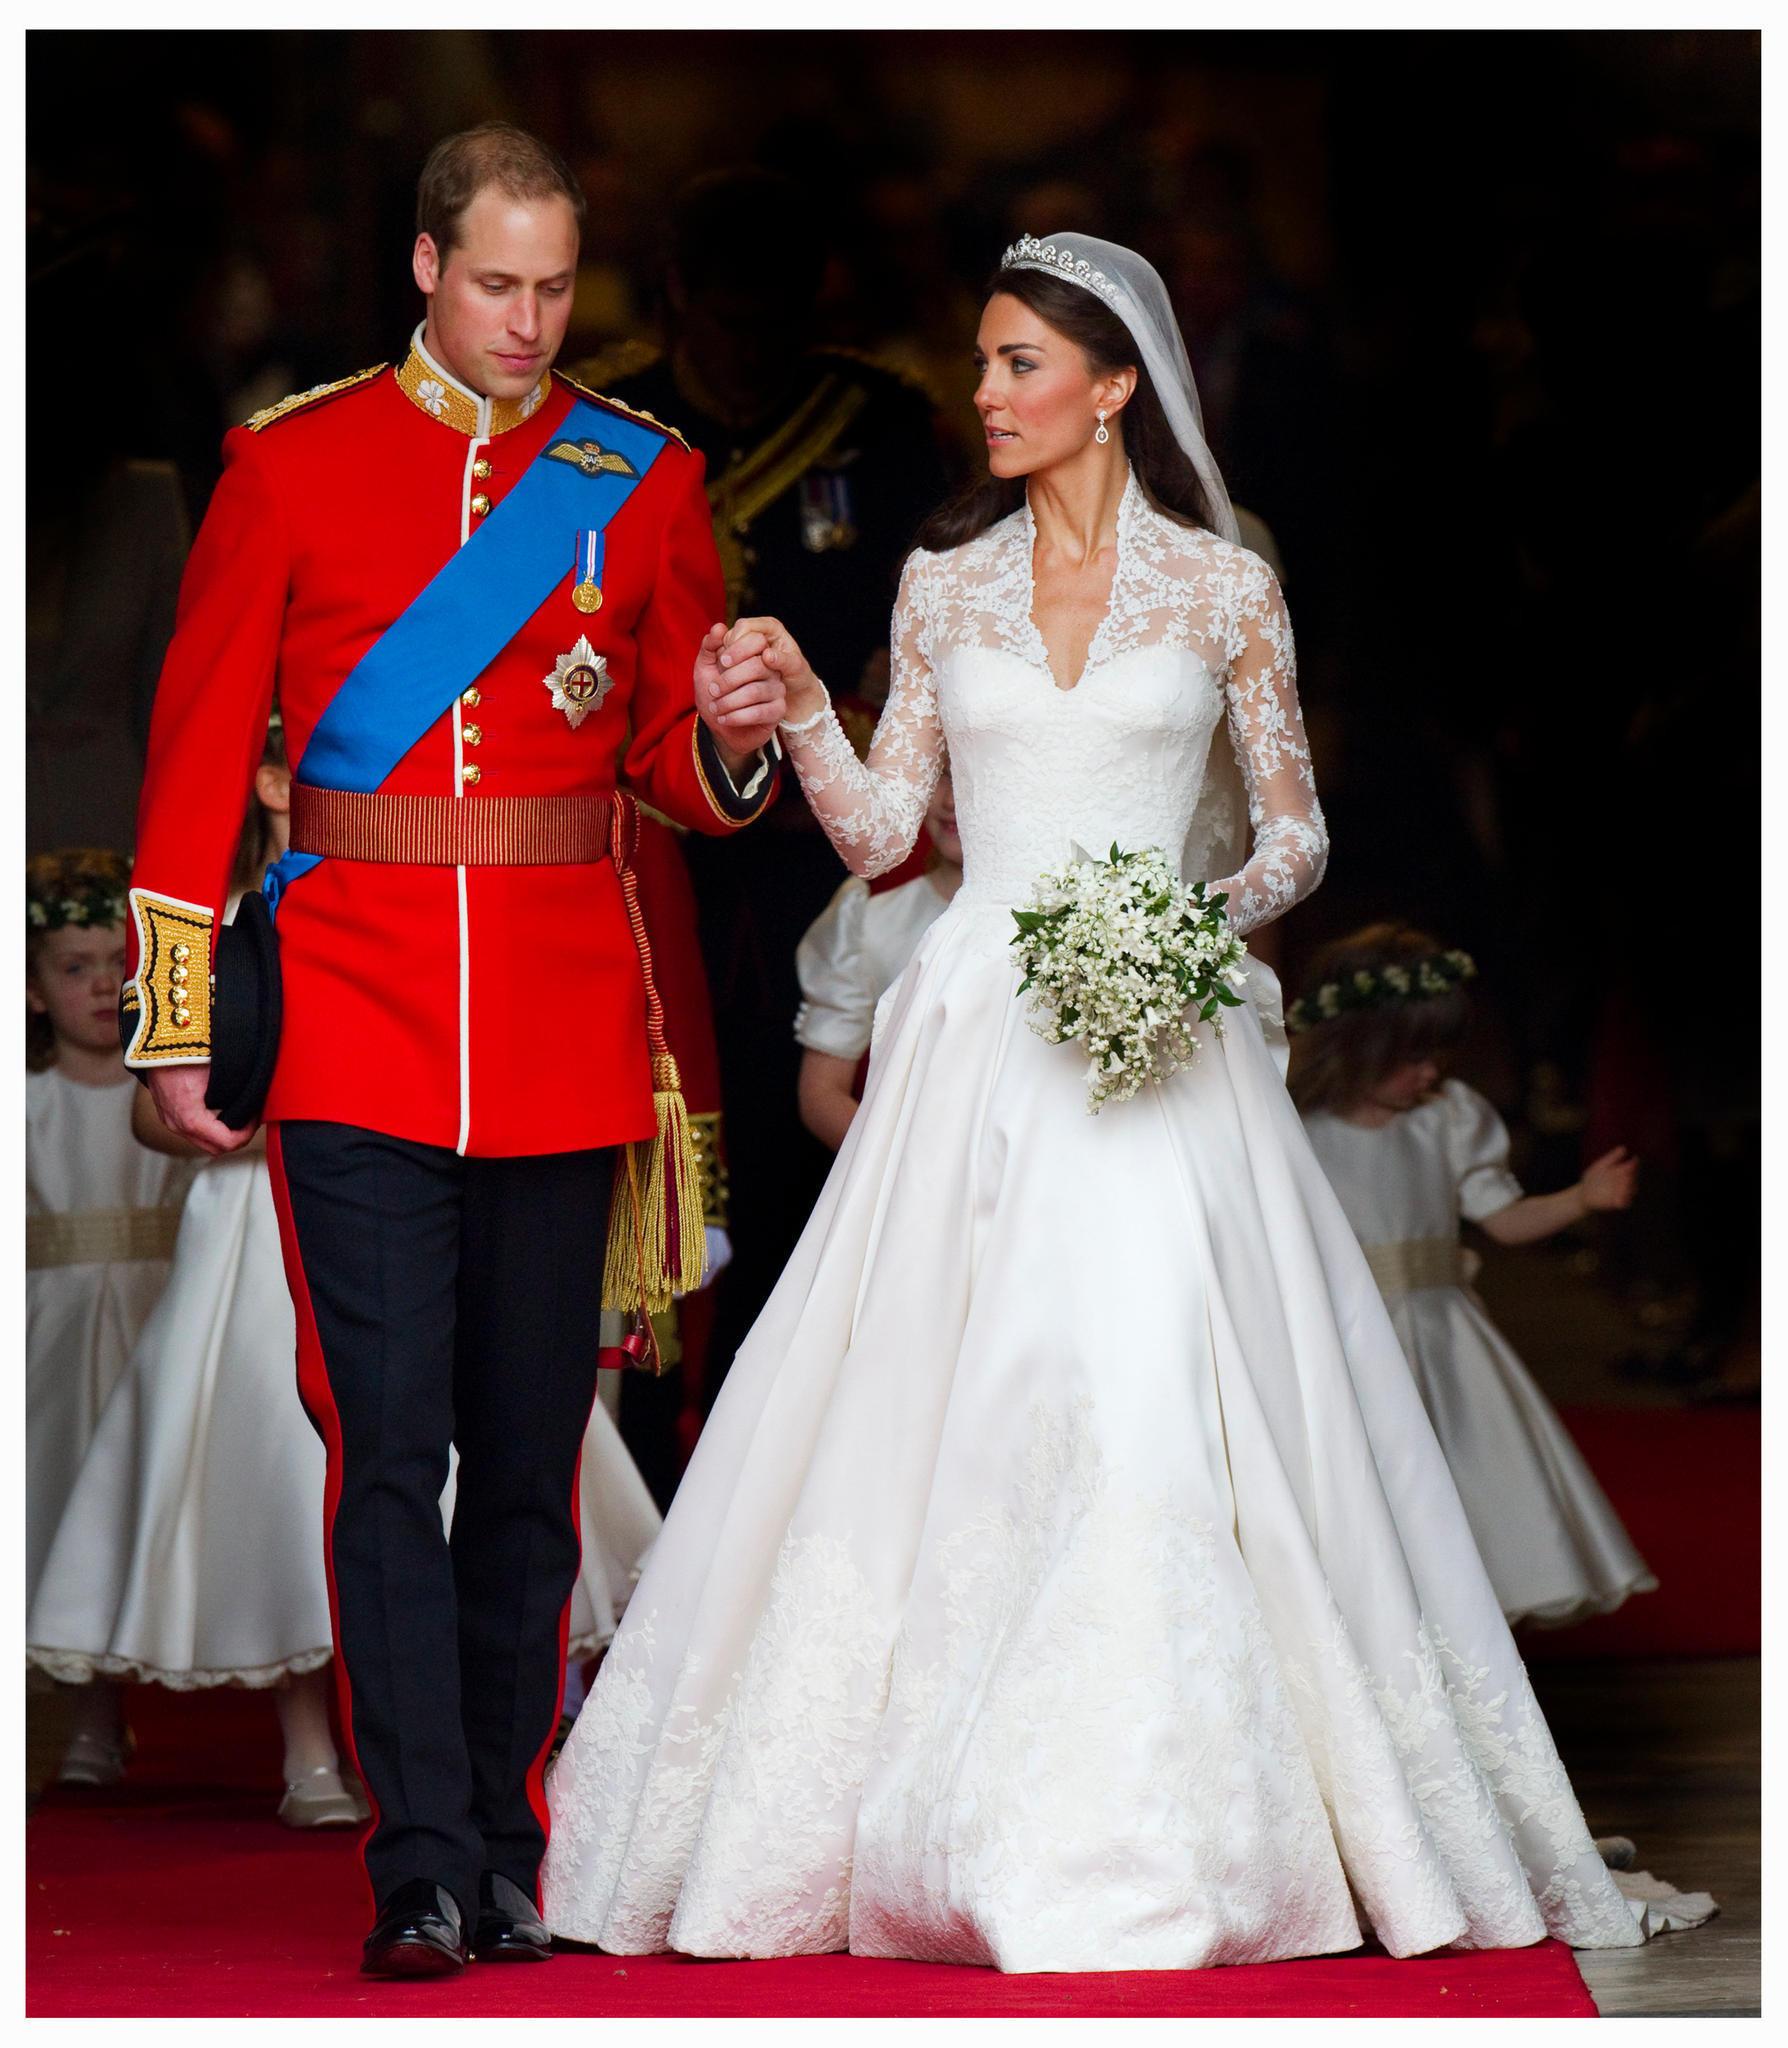 Prinz William: Dieses Detail Störte Ihn Bei Der Hochzeit Mit